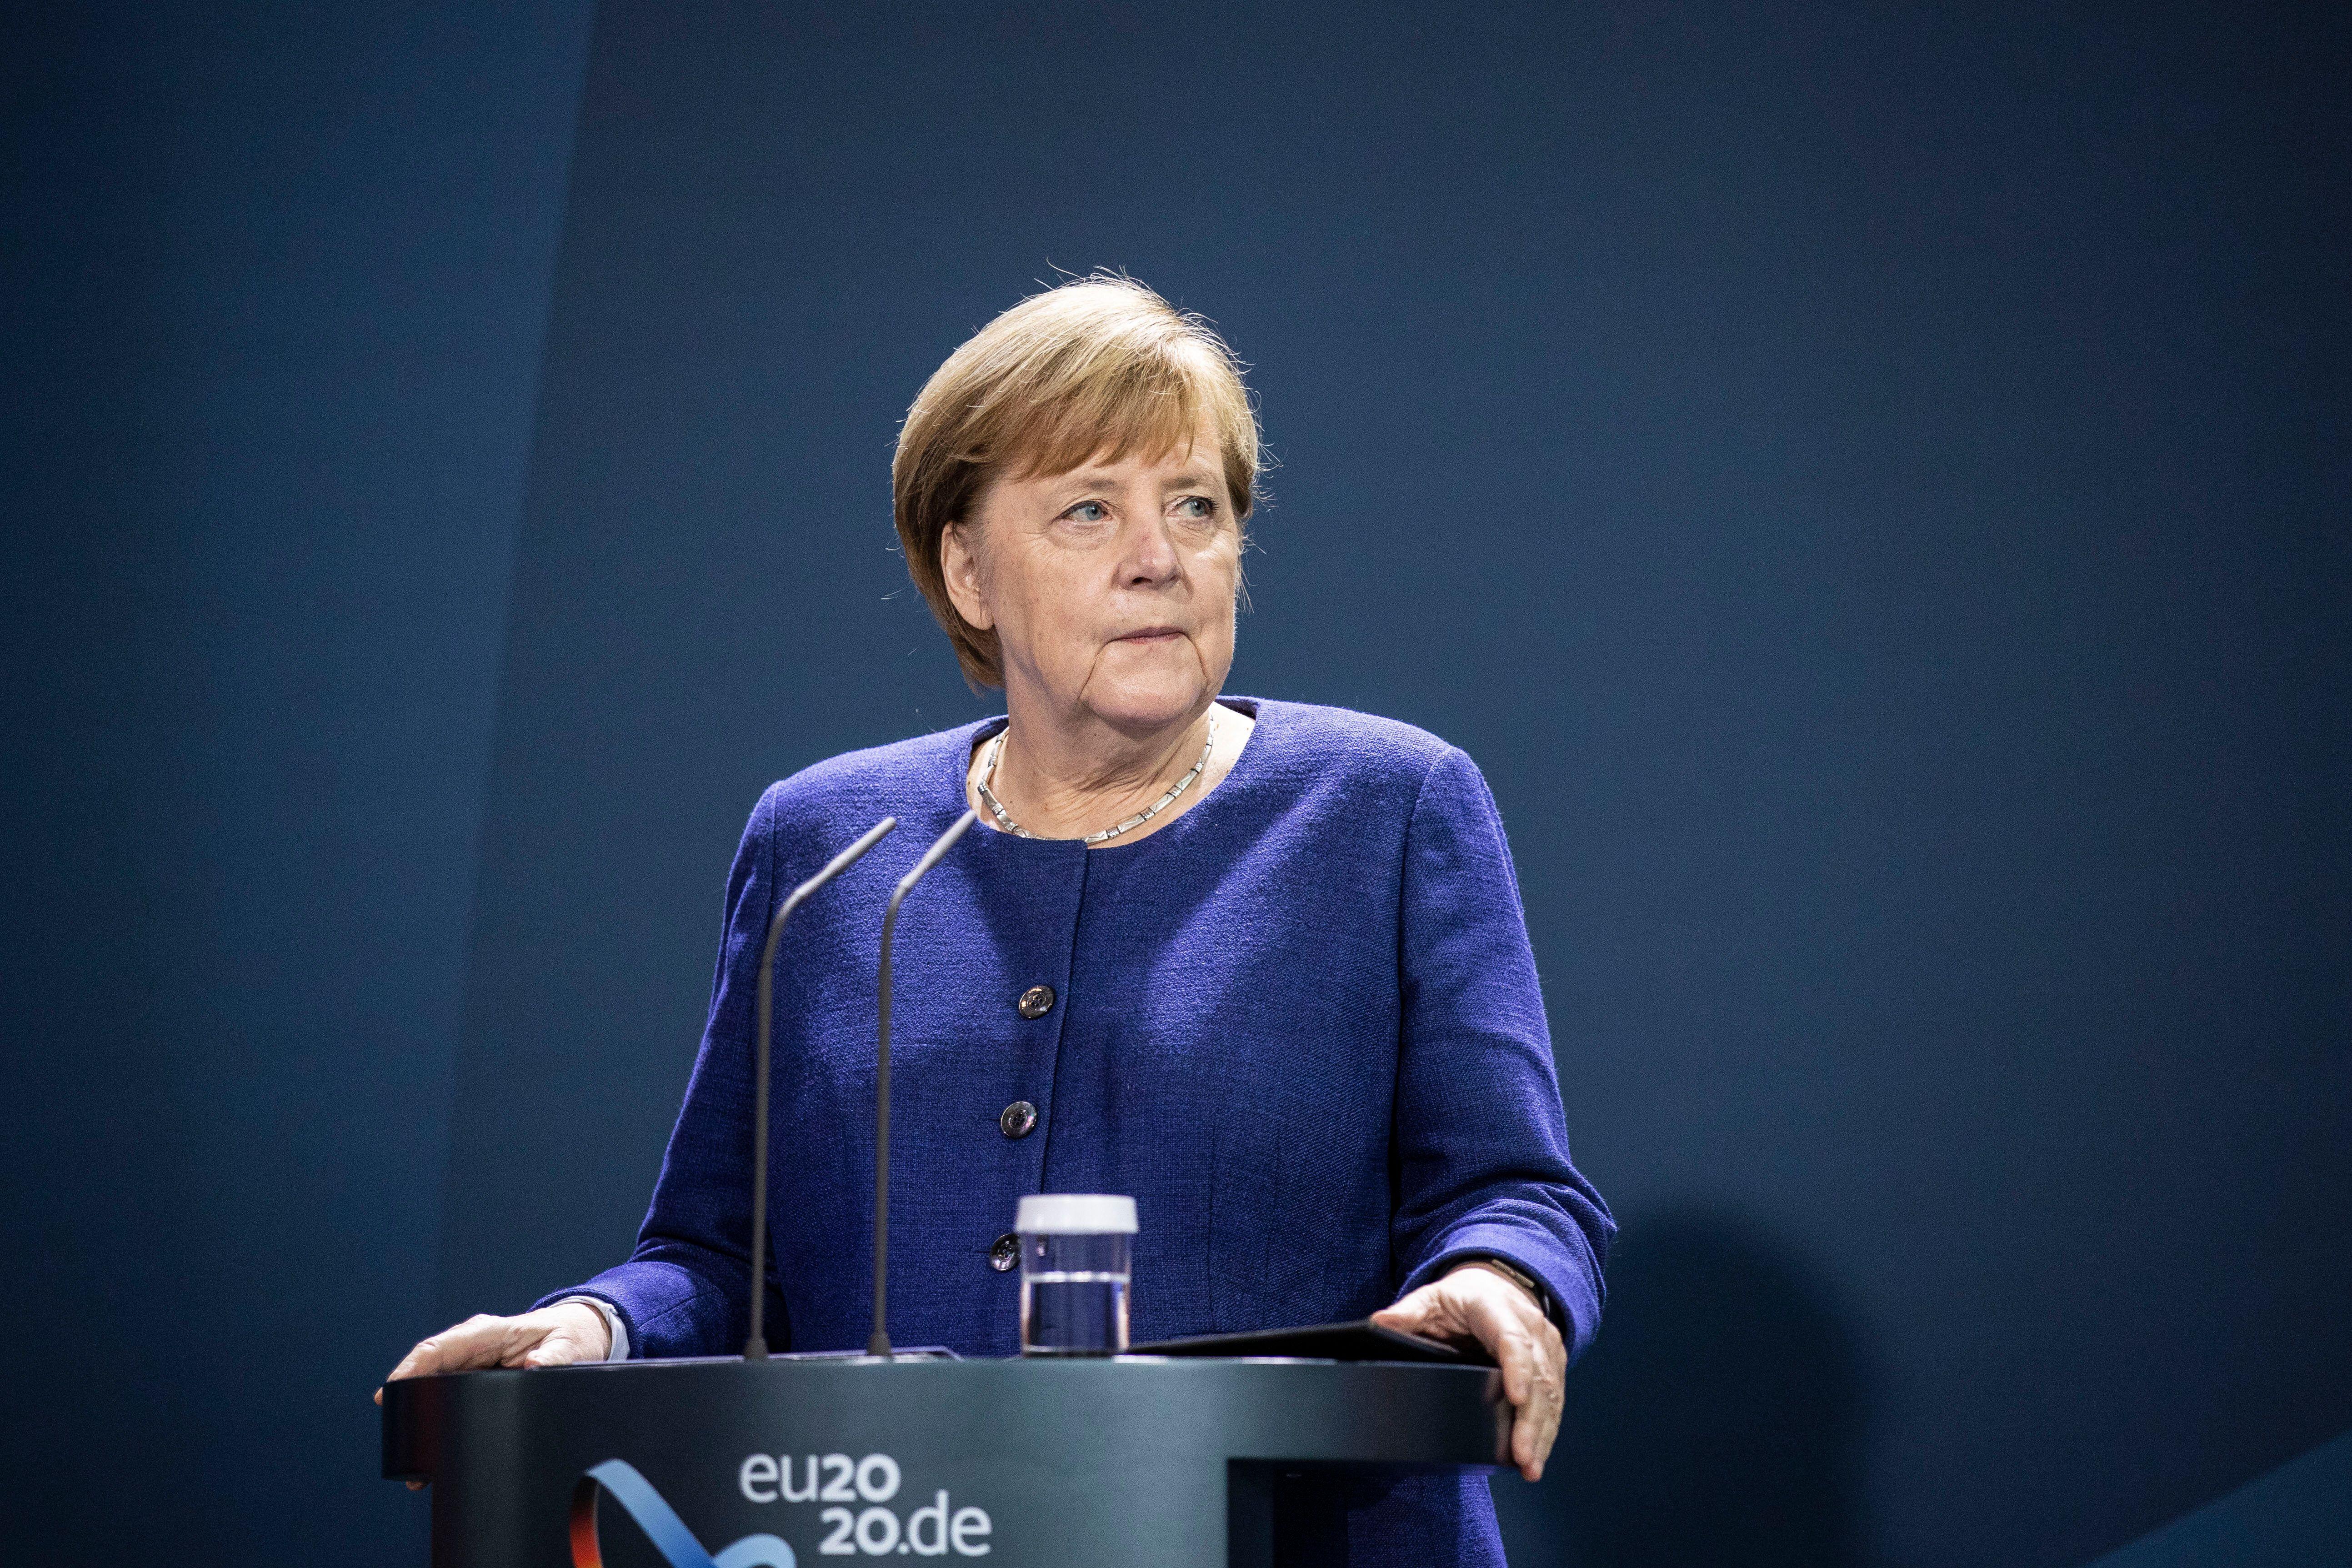 Un membre du service de presse de Merkel soupçonné d'être un espion égypto-allemand...